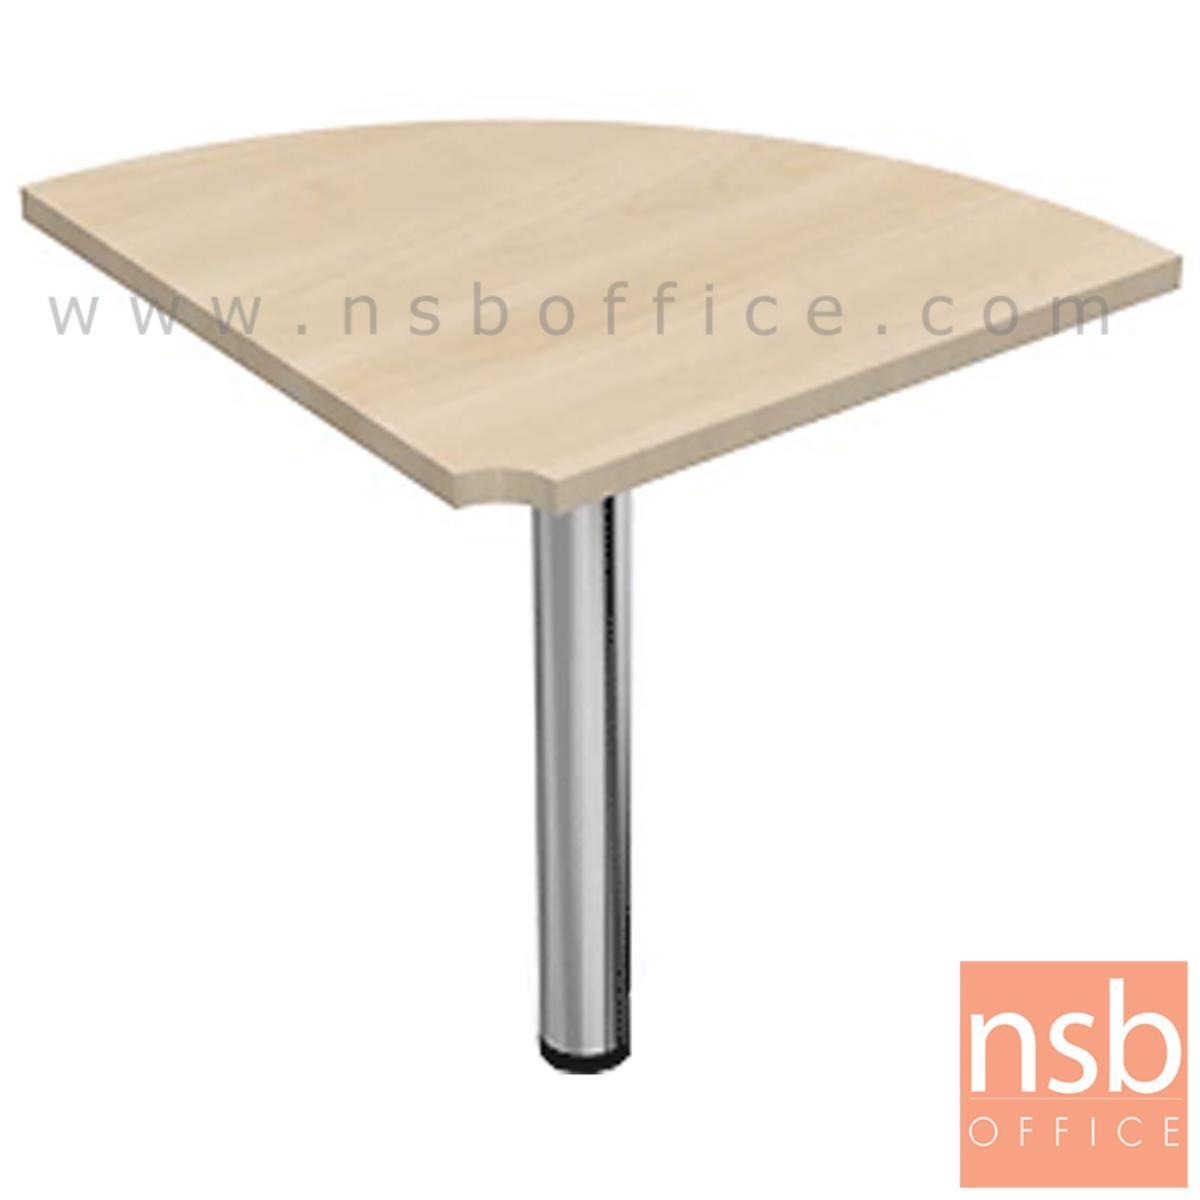 A05A060:โต๊ะเข้ามุมทรงโค้ง  ขนาด R60 cm.   เมลามีน ขากลมโครเมี่ยม